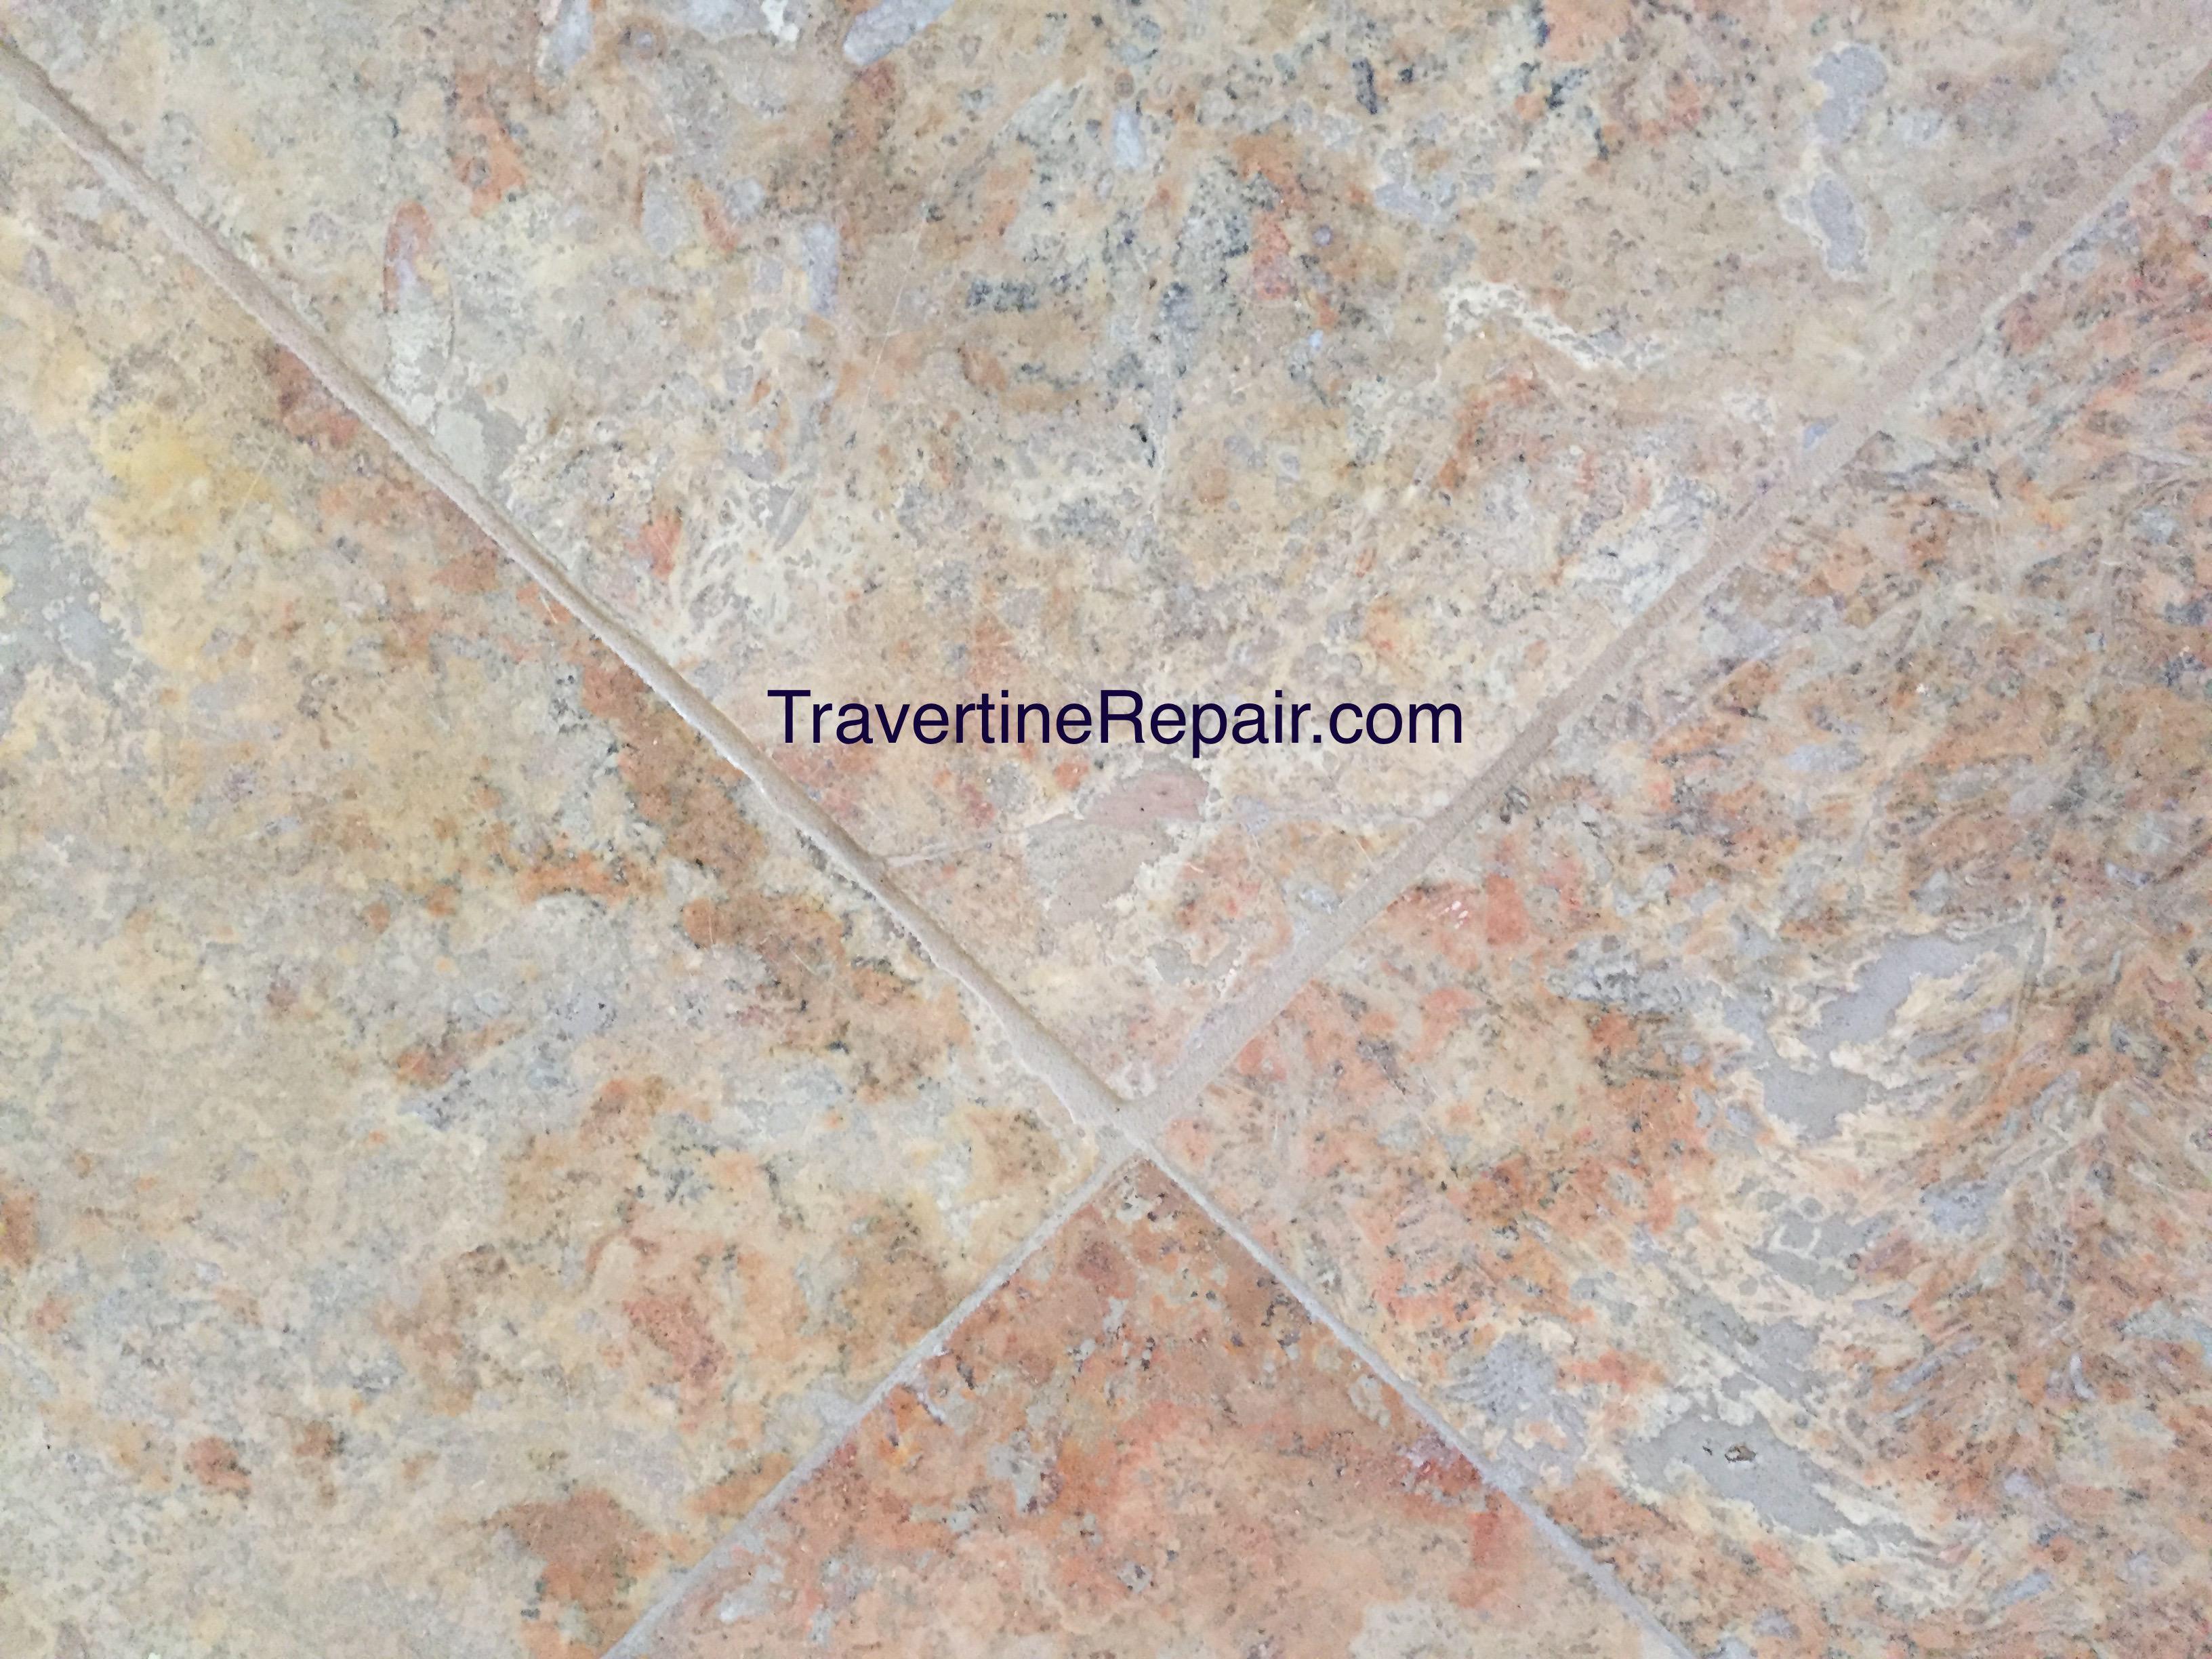 travertine crack after repair